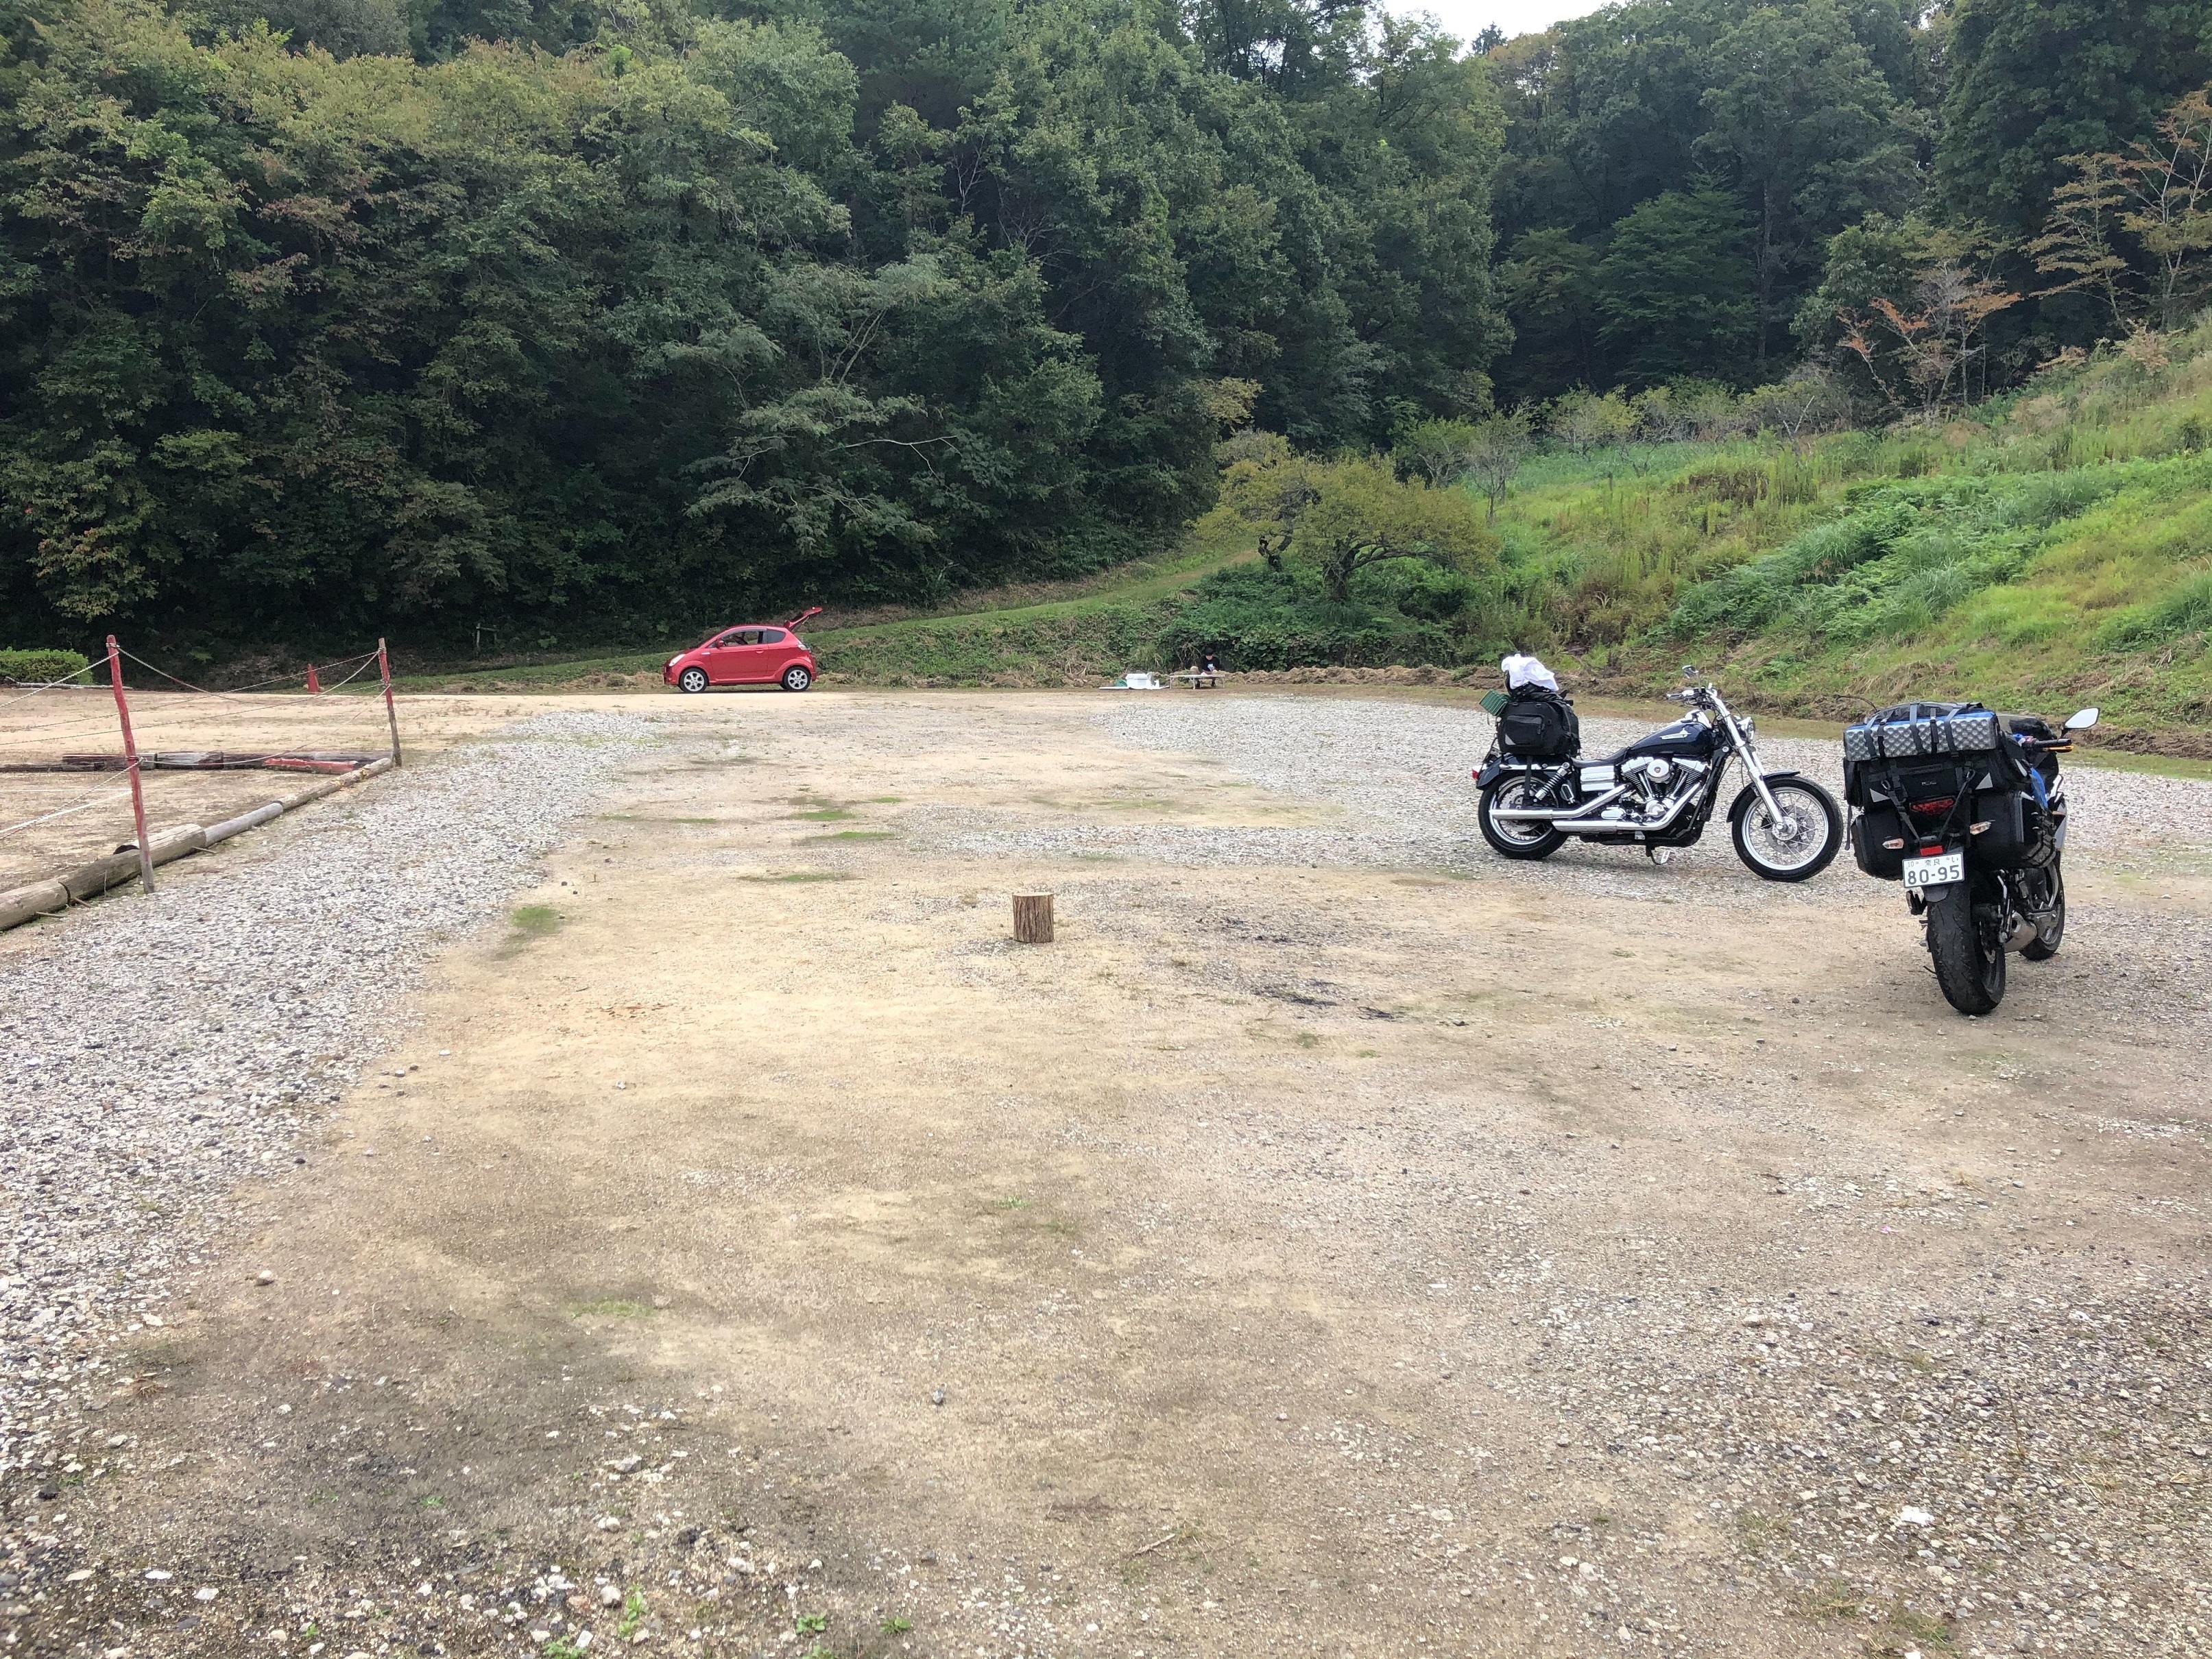 ぴーきちハーレーブログ ロマントピア月ケ瀬 奈良県 キャンプ場 全景